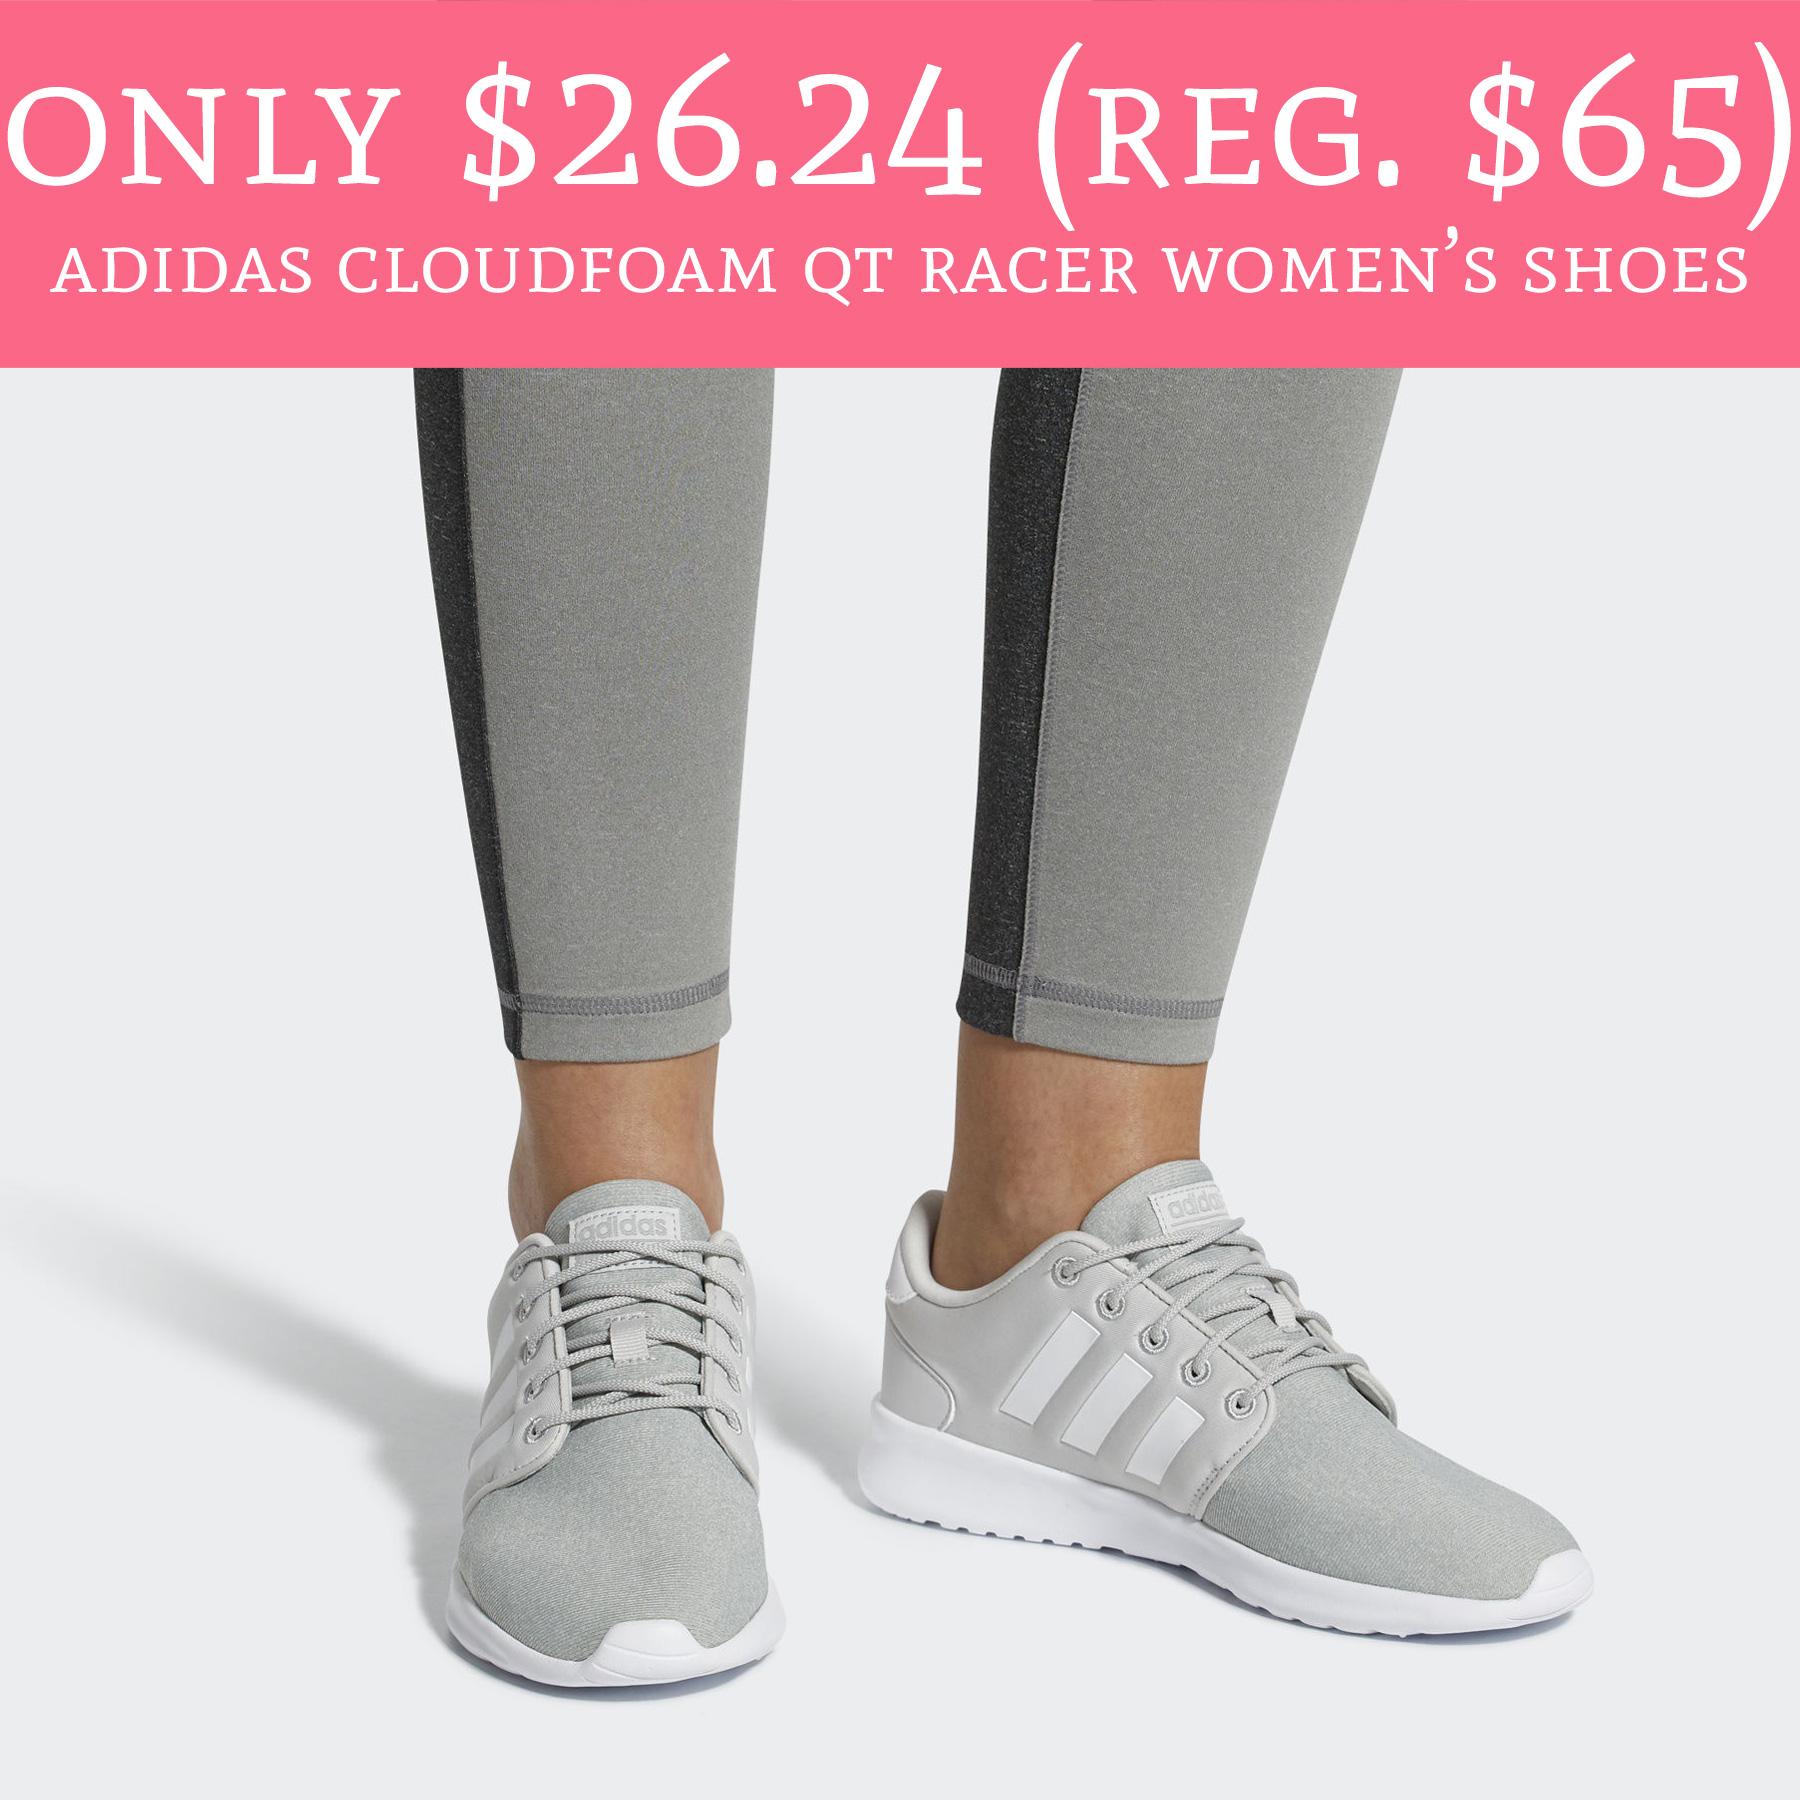 Only $26.24 (Regular $65) Adidas CloudFoam QT Racer Women's Shoes ...